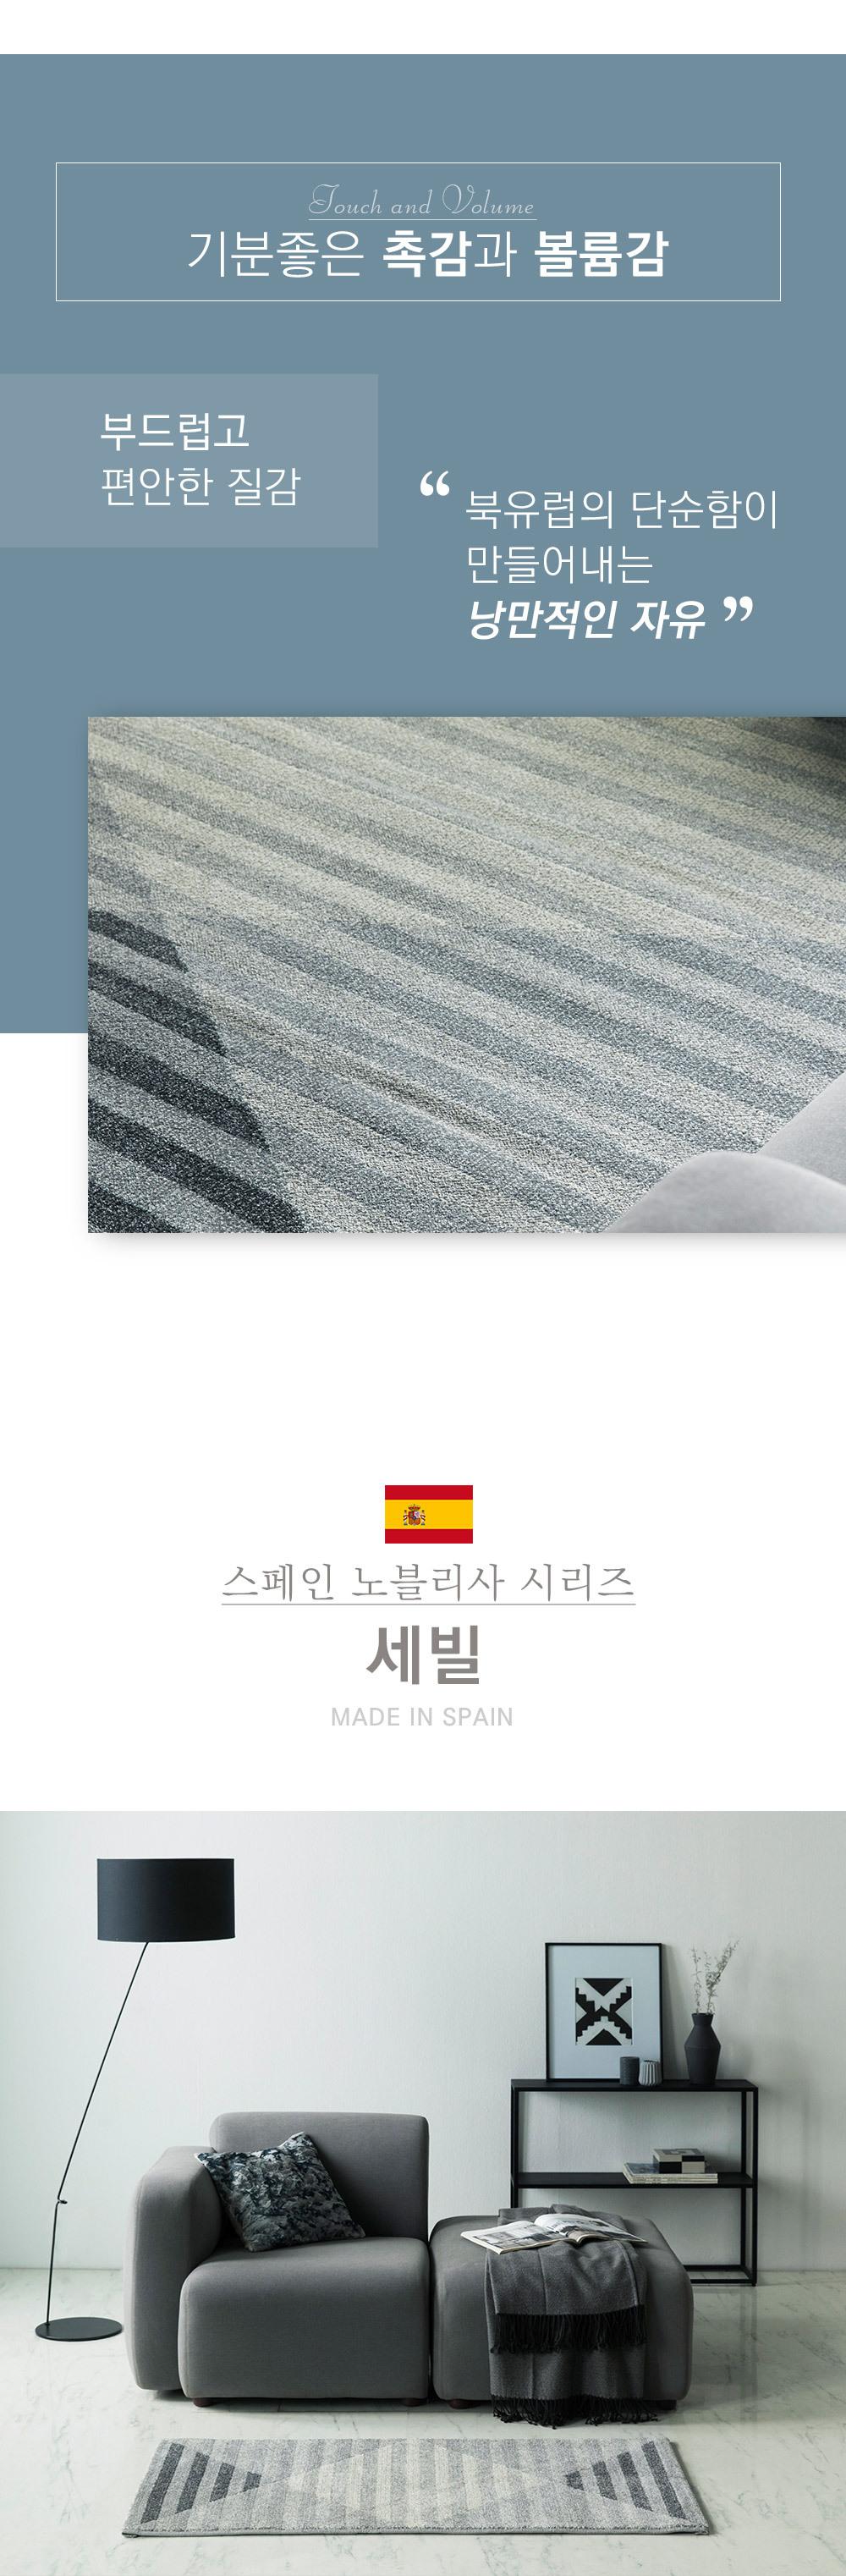 spain nobleza carpet soft touch - Seville